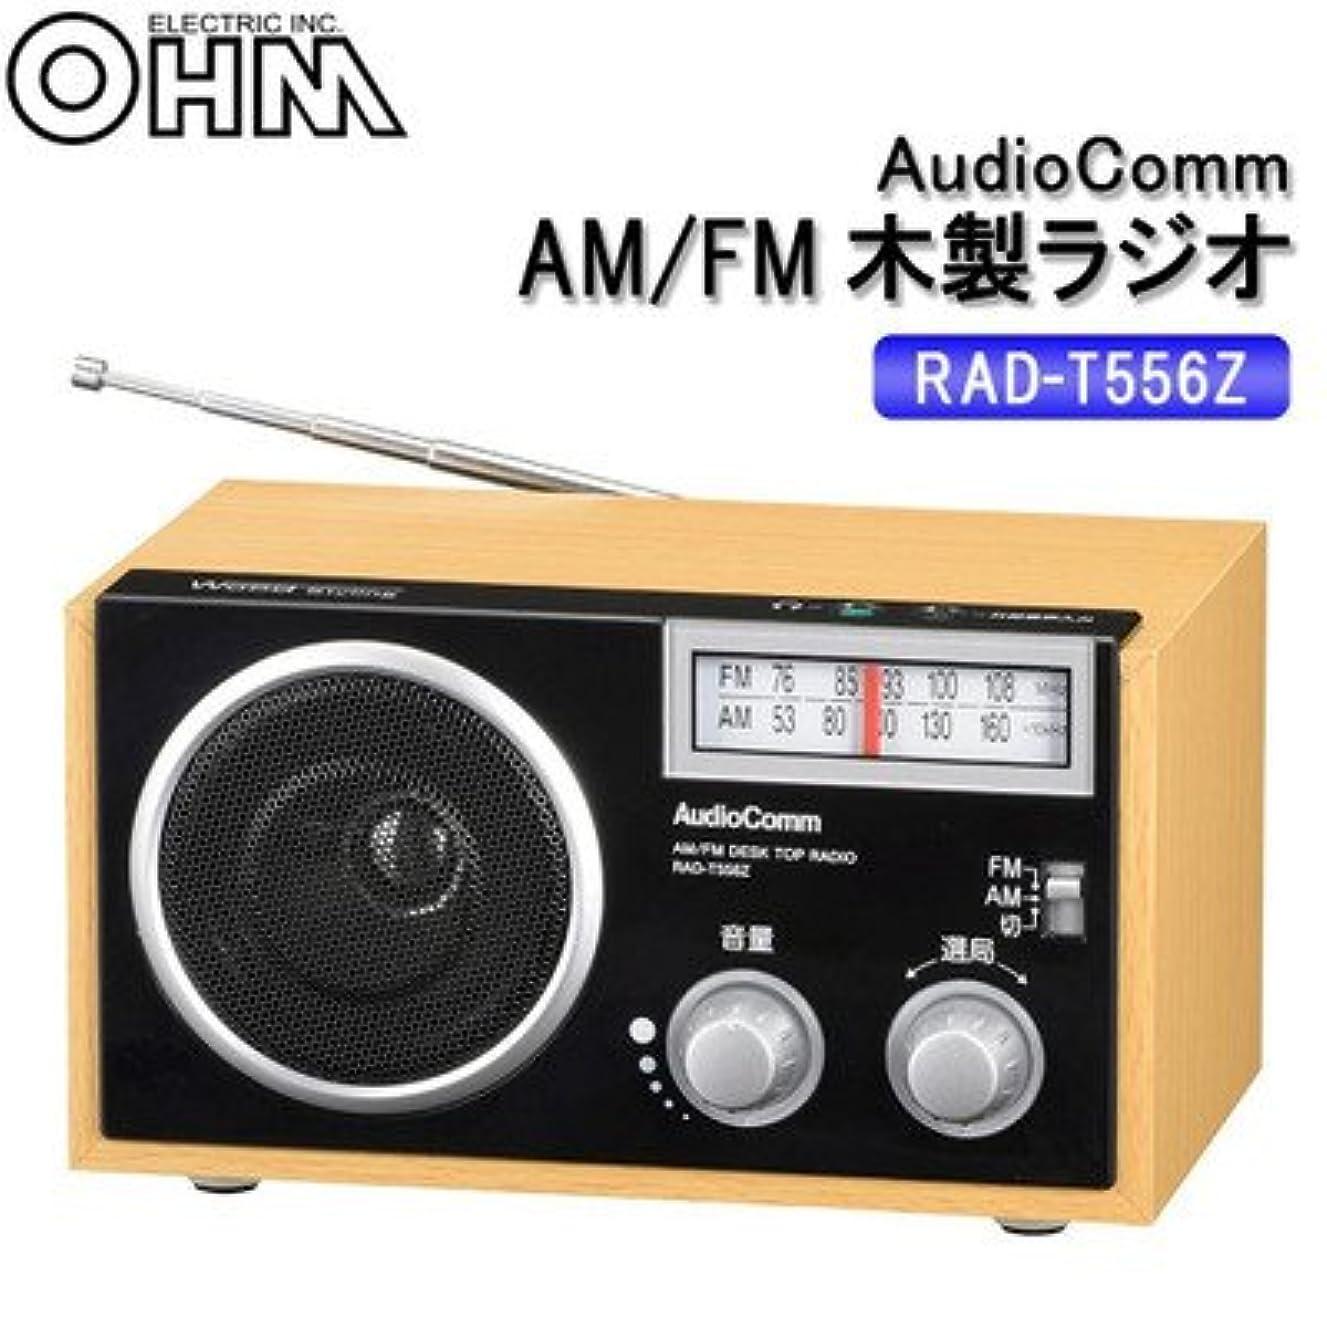 部冷凍庫カードナチュラルな木製キャビネットを採用したホームラジオ オーム電機 OHM AudioComm AM/FM 木製ラジオ ワイドFM対応 ホームラジオ RAD-T556Z